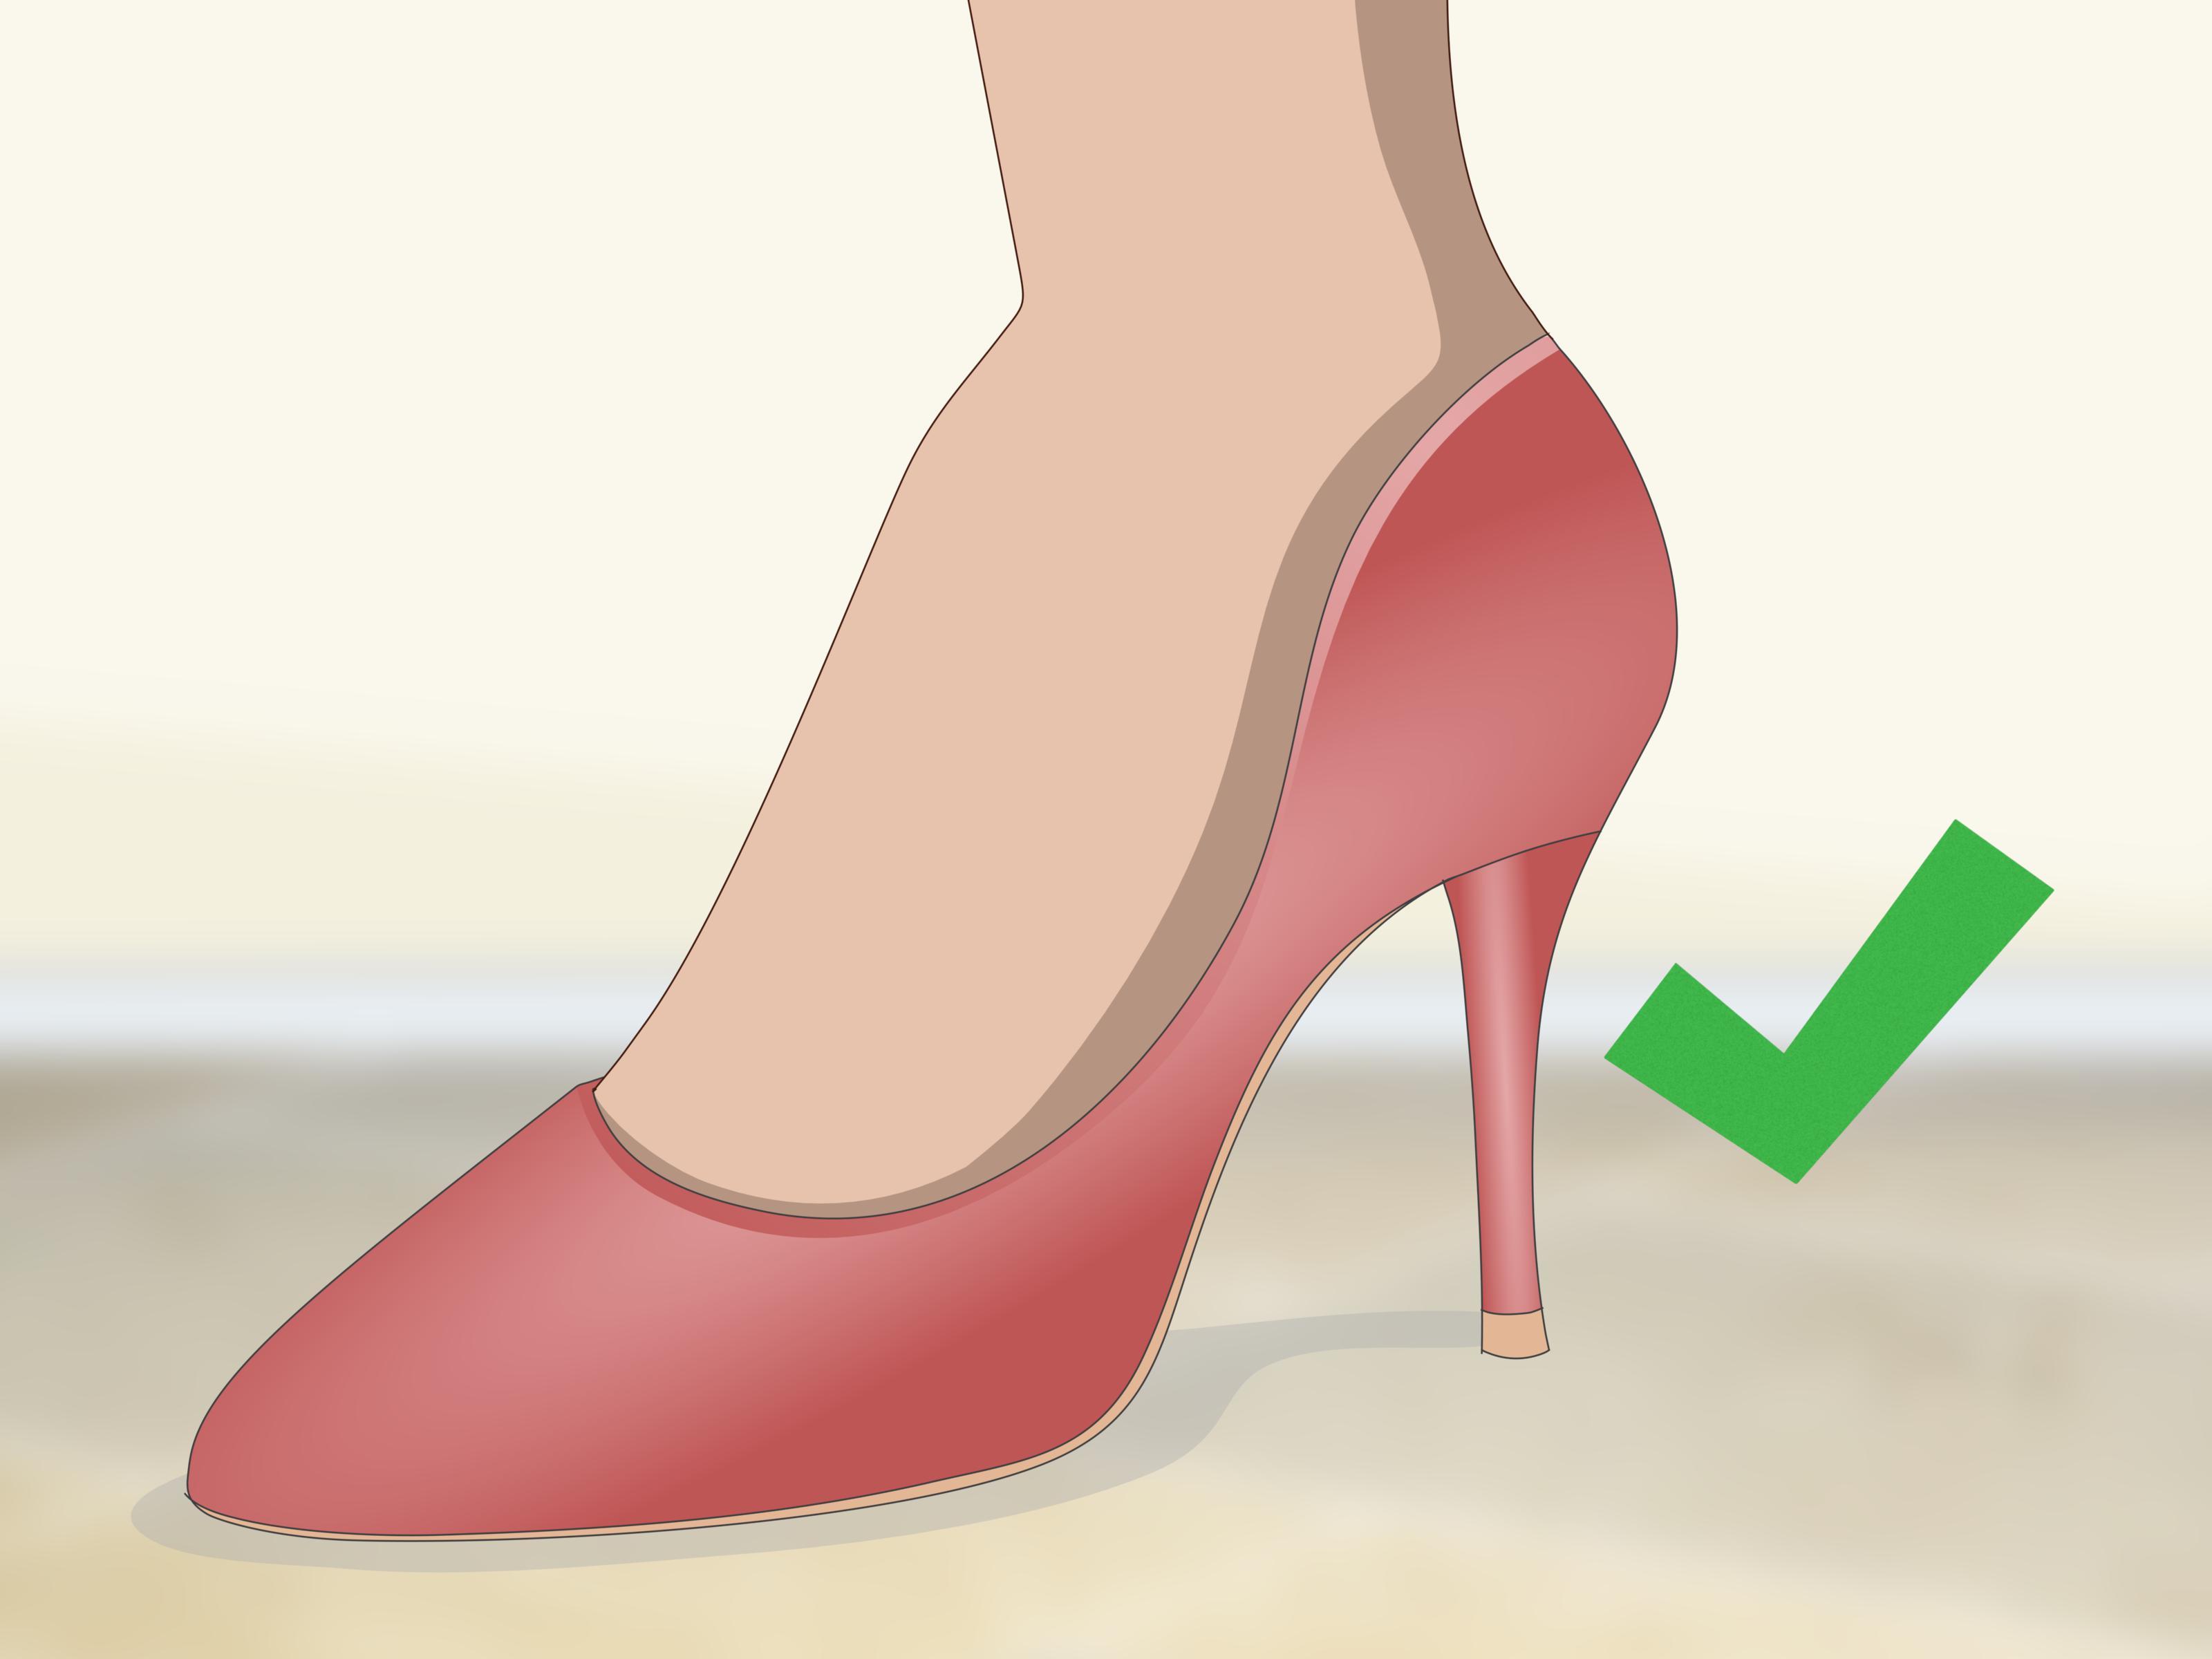 3 Ways to Measure Heel Height  wikiHow